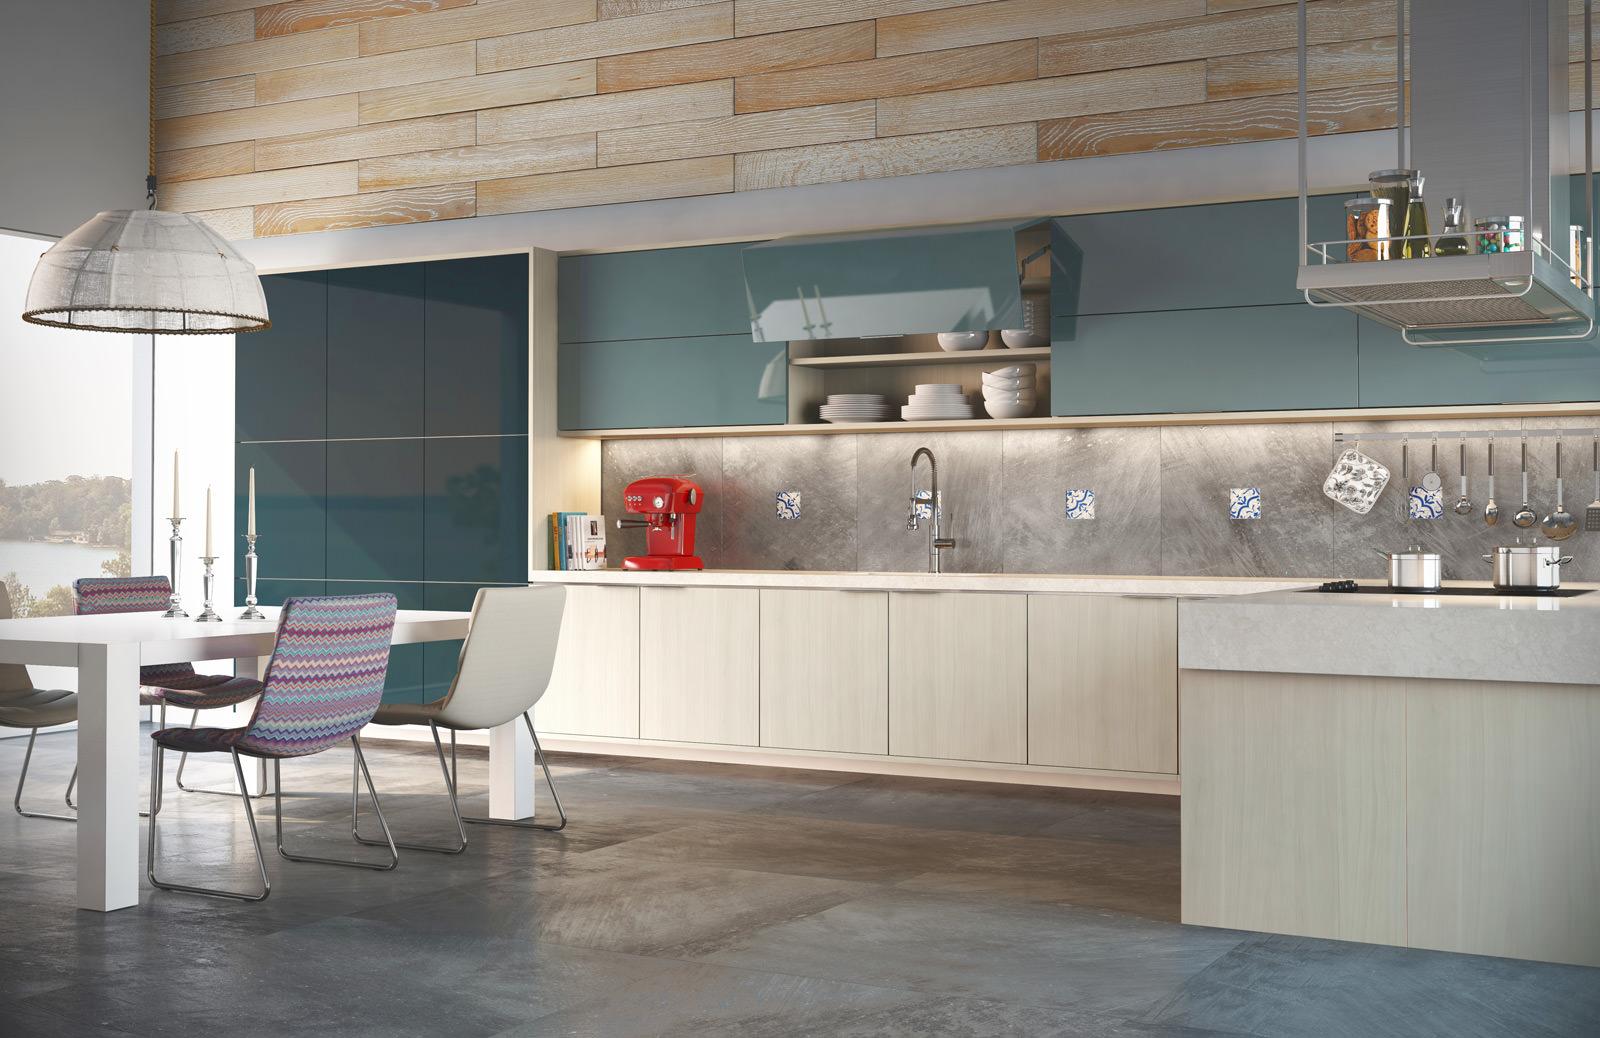 Cozinhas planejadas: Cozinhas planejadas Todeschini #604E43 1600 1038